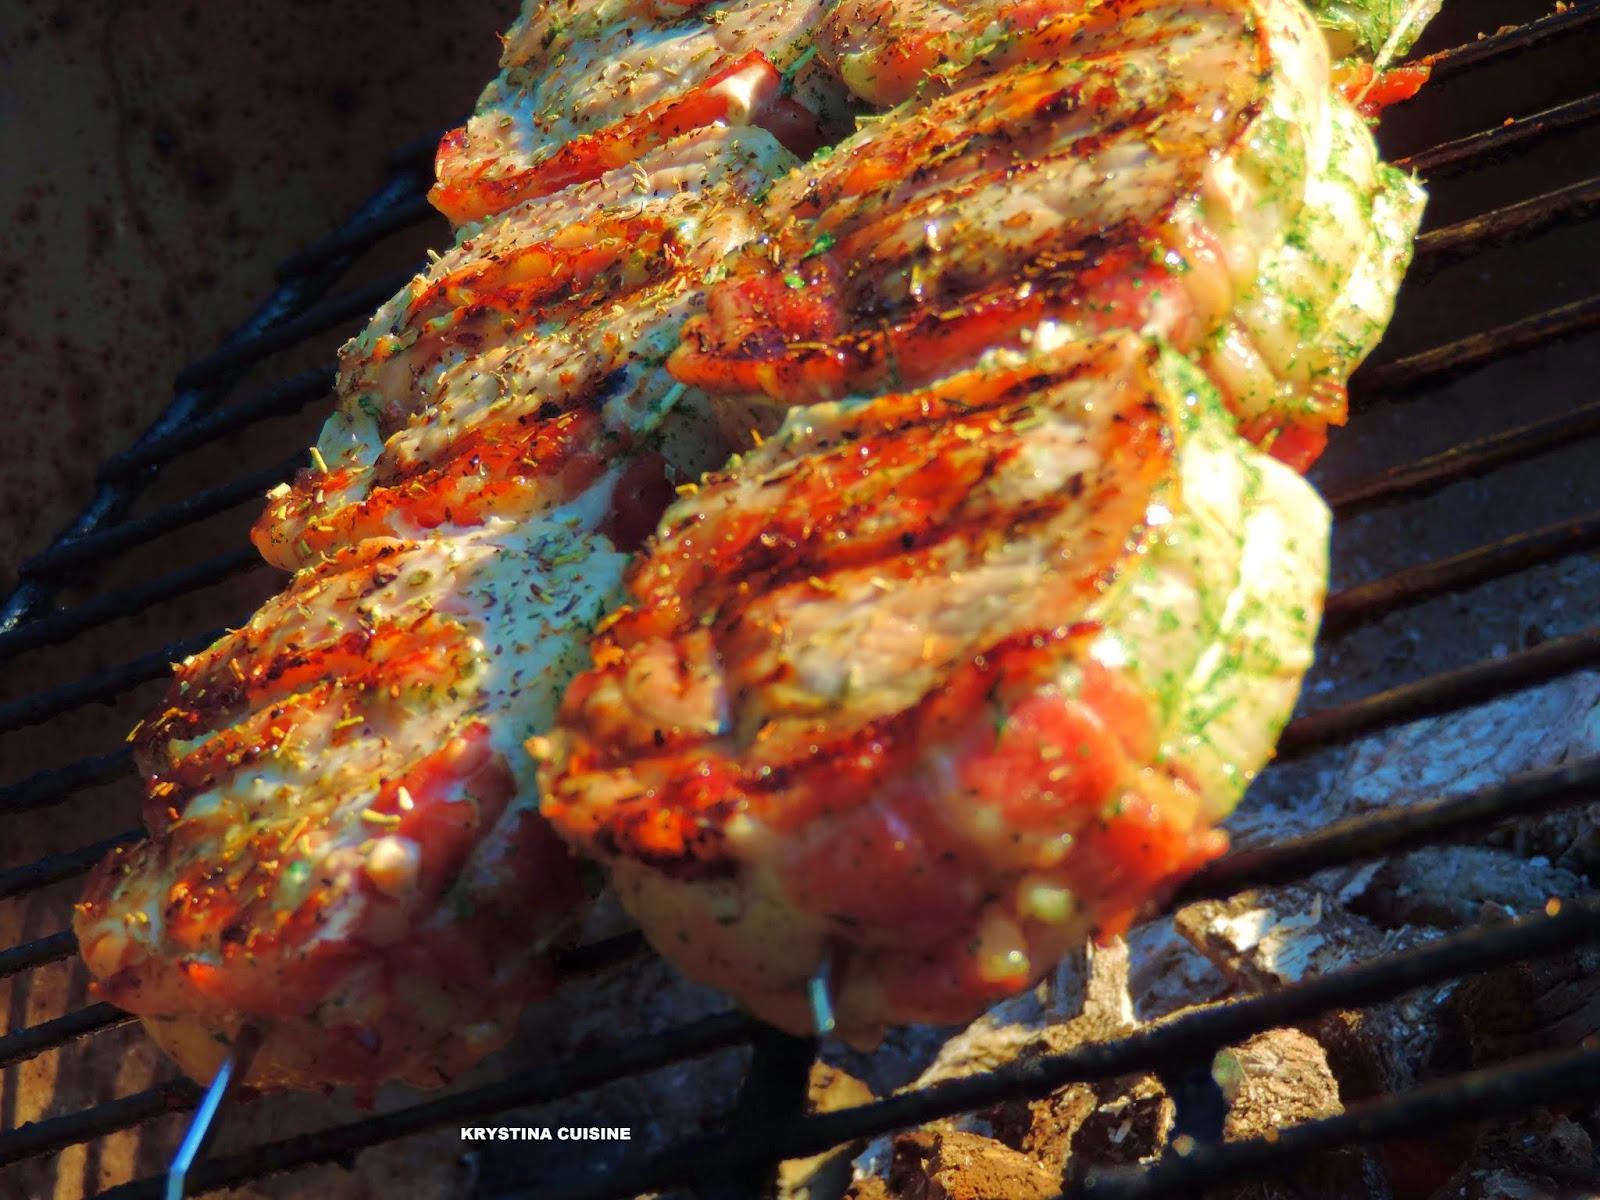 Krystina cuisine plats ensoleill s - Filet mignon de porc grille au barbecue ...